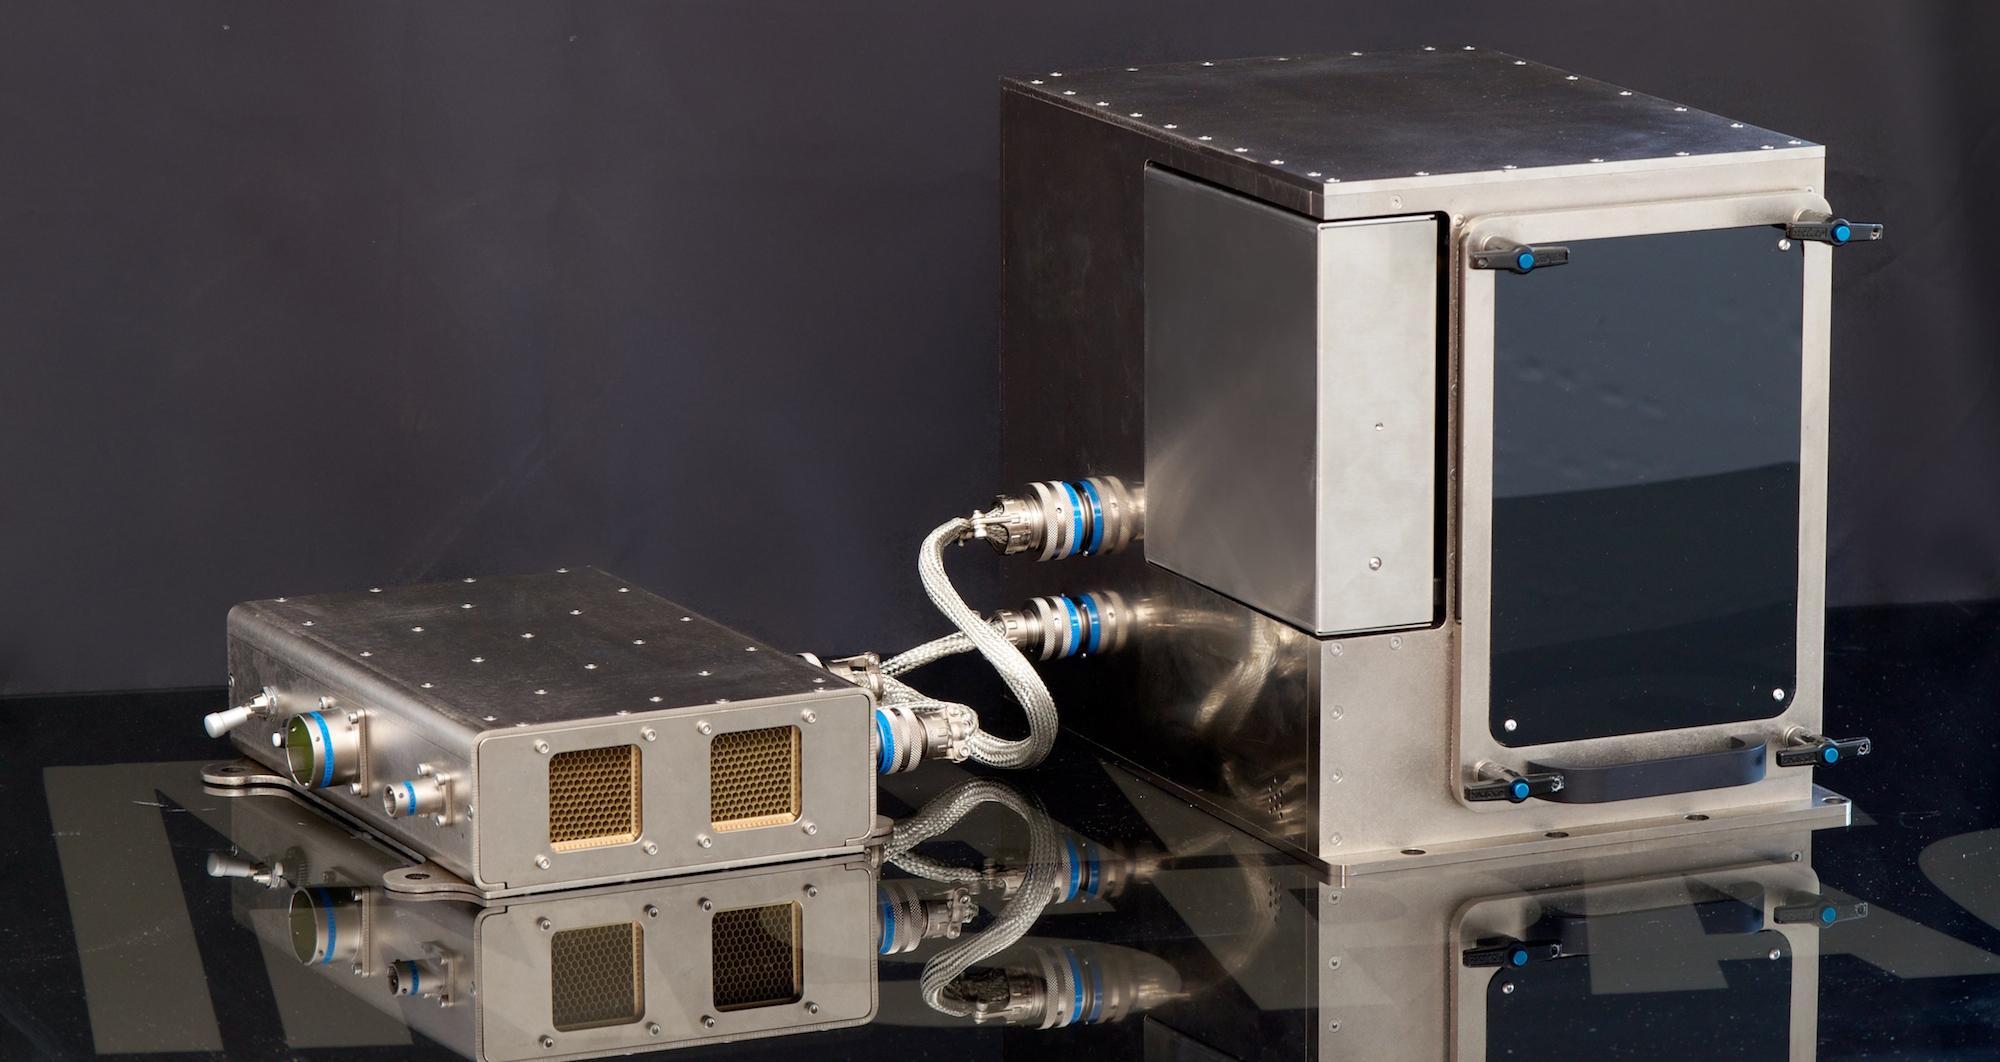 メイド・イン・スペースの第二世代宇宙3Dプリンターが稼働開始から一年経過